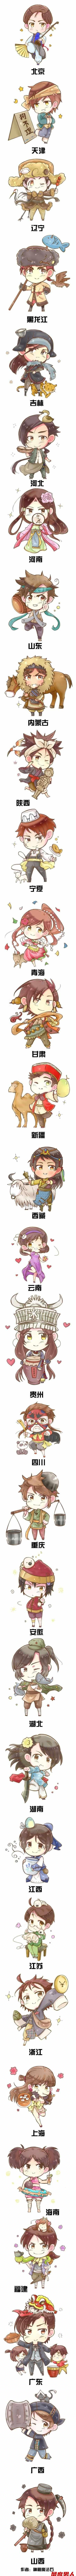 中国省份拟人图走红萌翻众网友